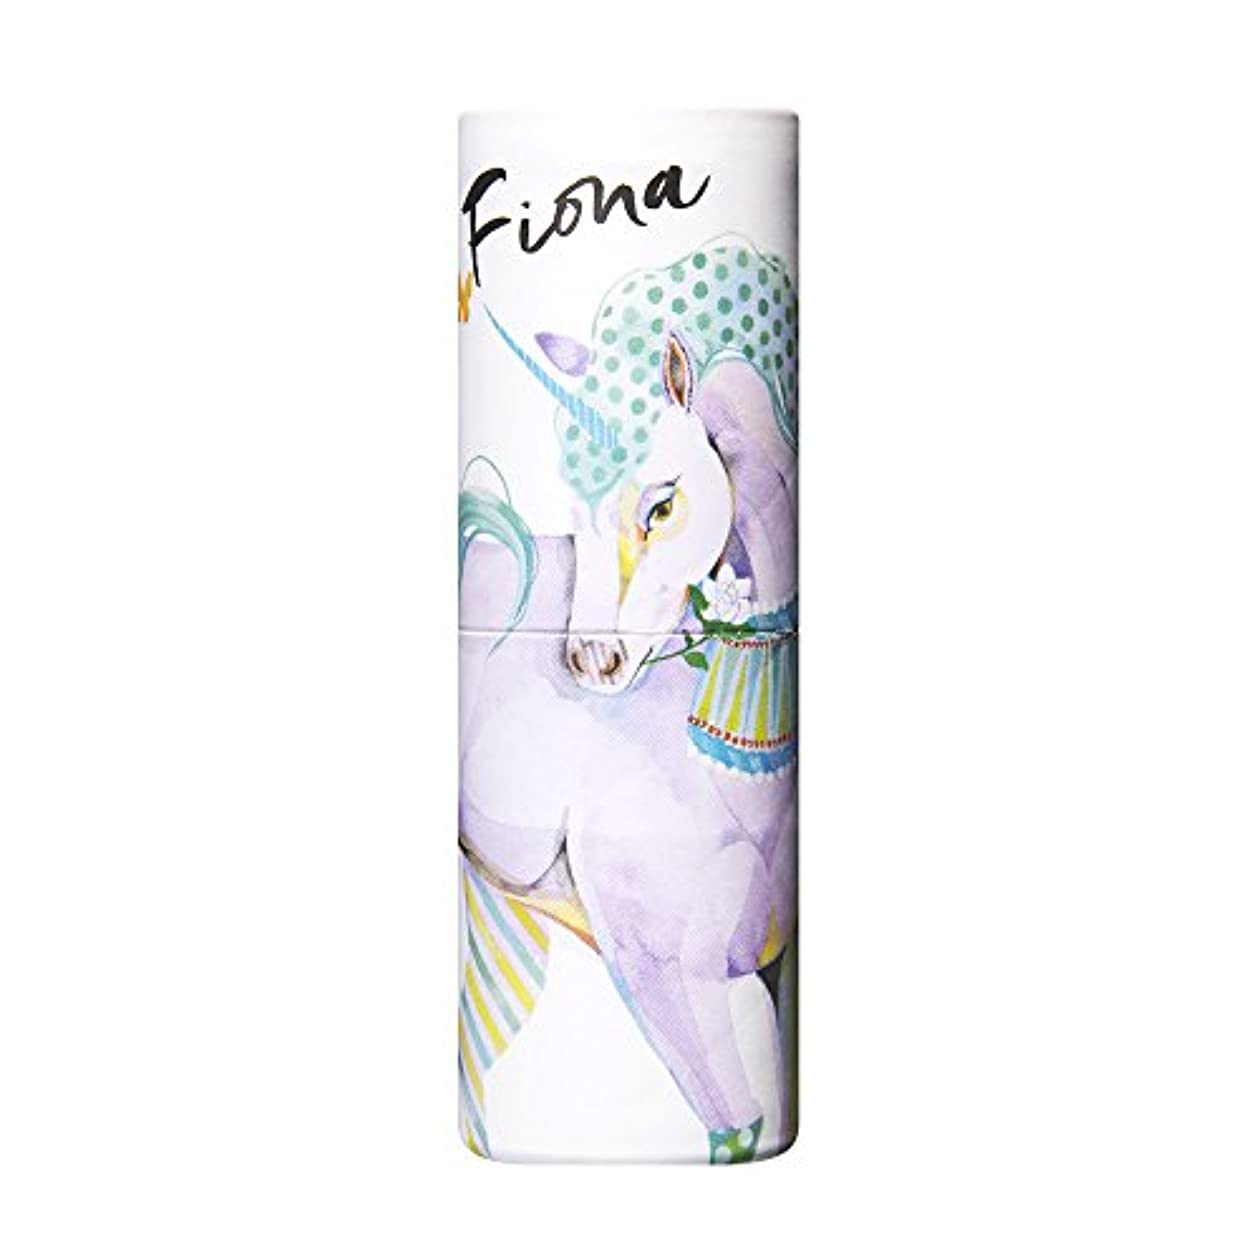 グローブ飛躍乳ヴァシリーサ パフュームスティック フィオナ ユニコーン  練香水 5g